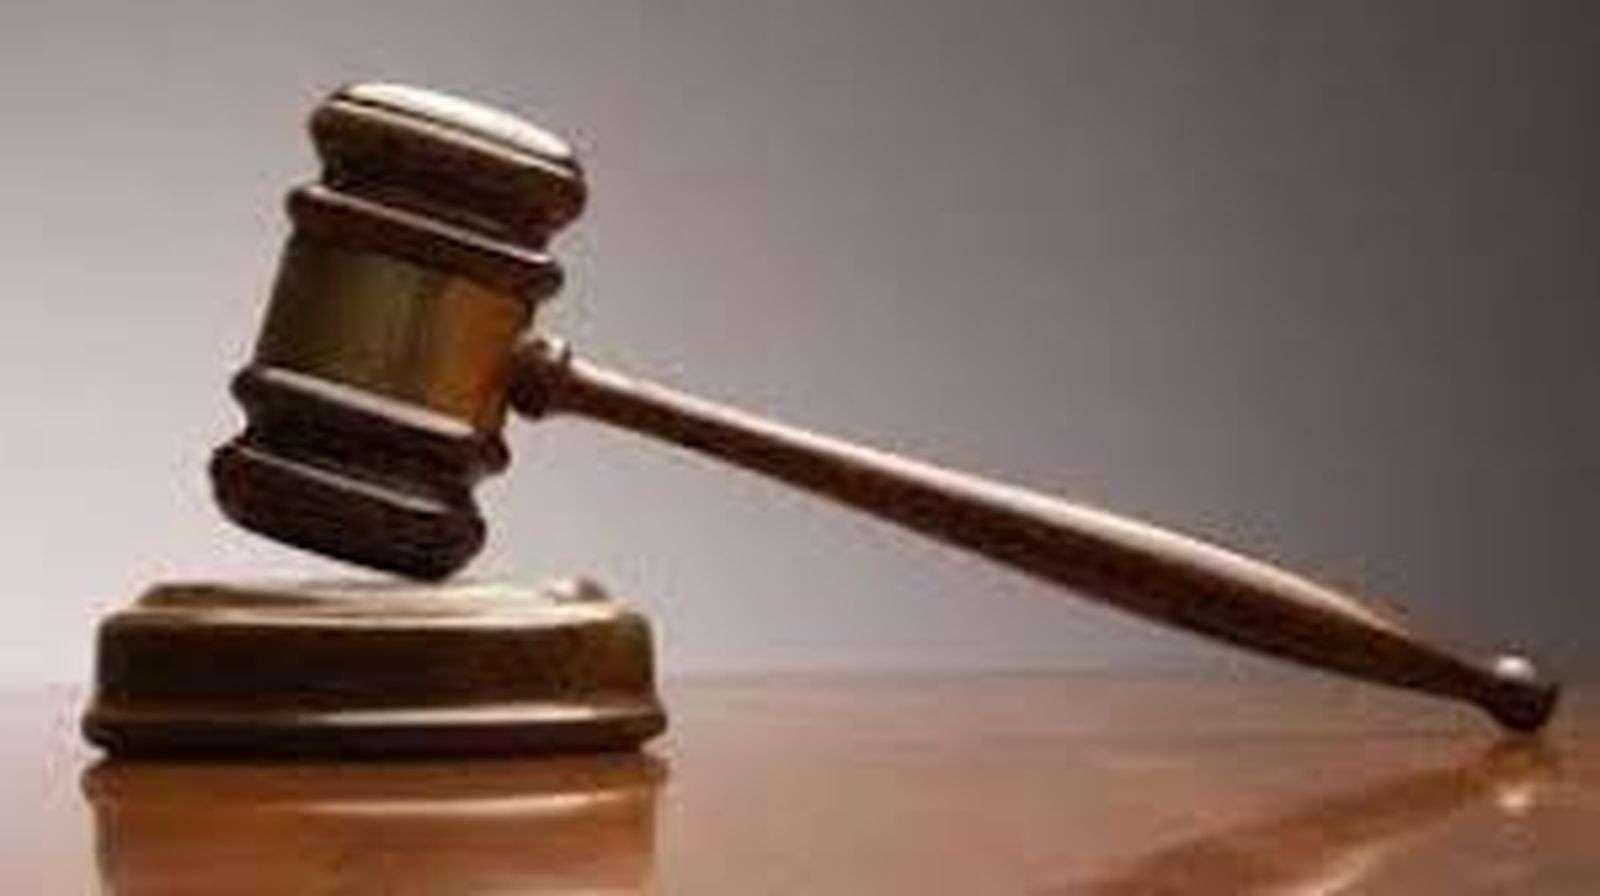 मोबाइल लोकेशन  से आरोपी को हुई आजीवन कारावास की सजा